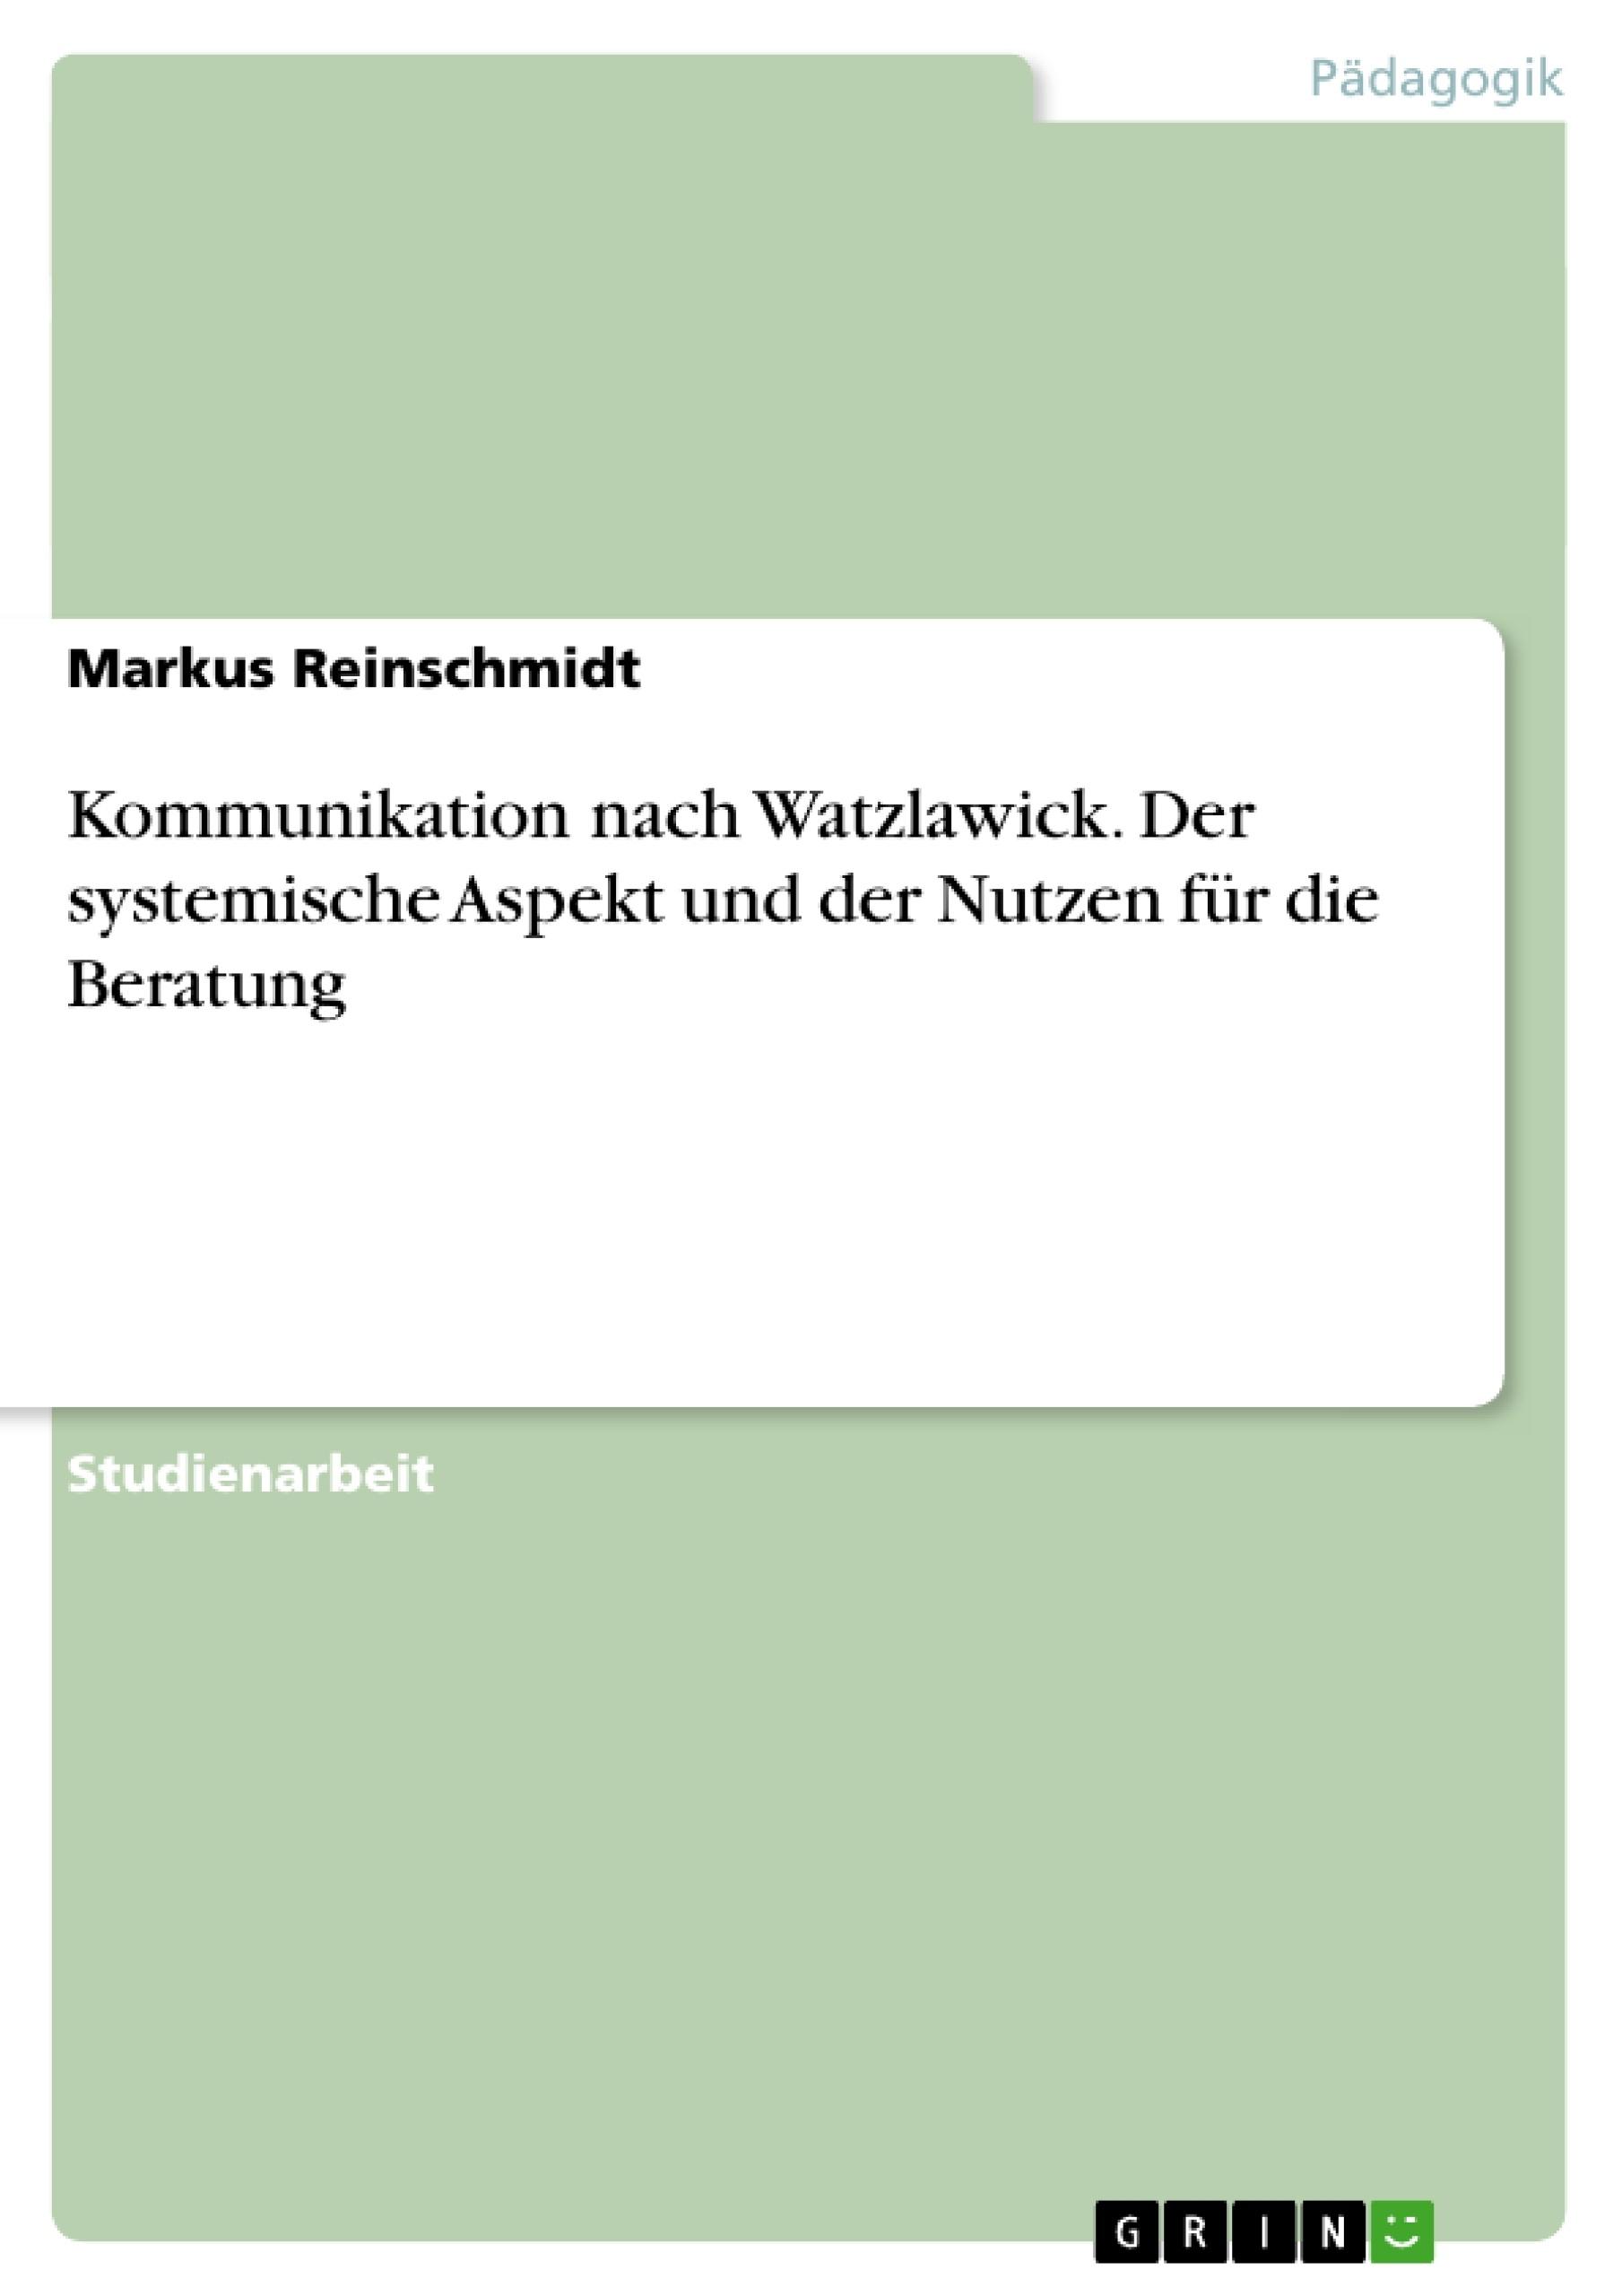 Titel: Kommunikation nach Watzlawick. Der systemische Aspekt und der Nutzen für die Beratung